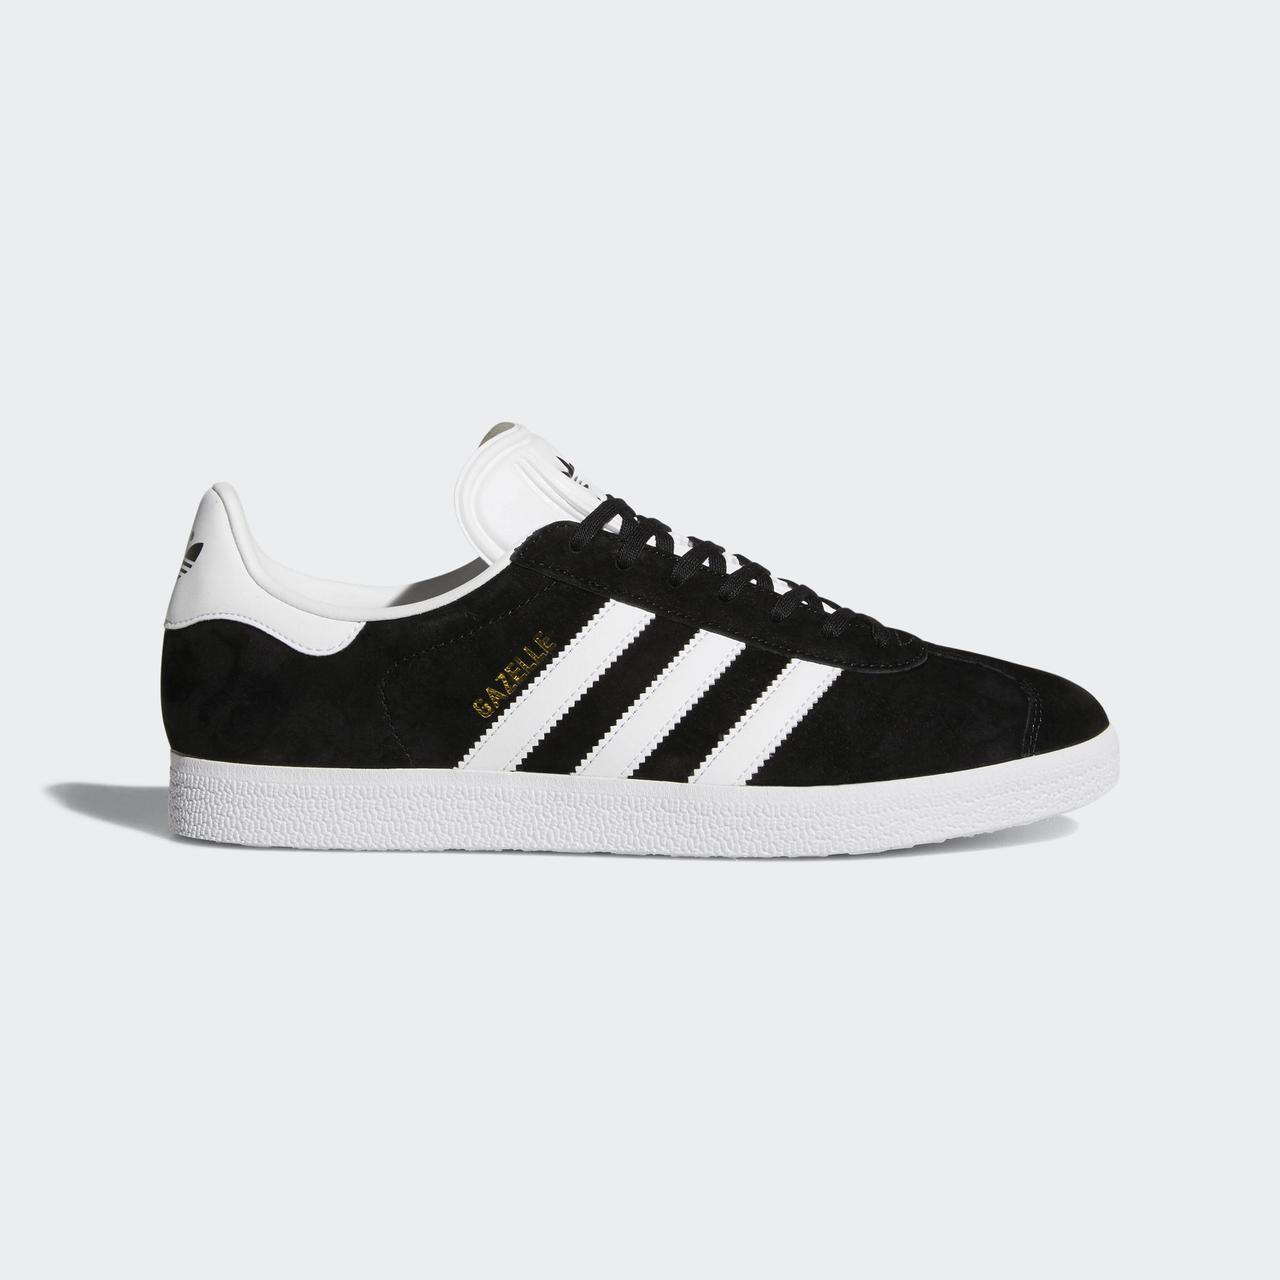 Мужские кроссовки Adidas Superstar Gazelle Black/White Черно-Белые